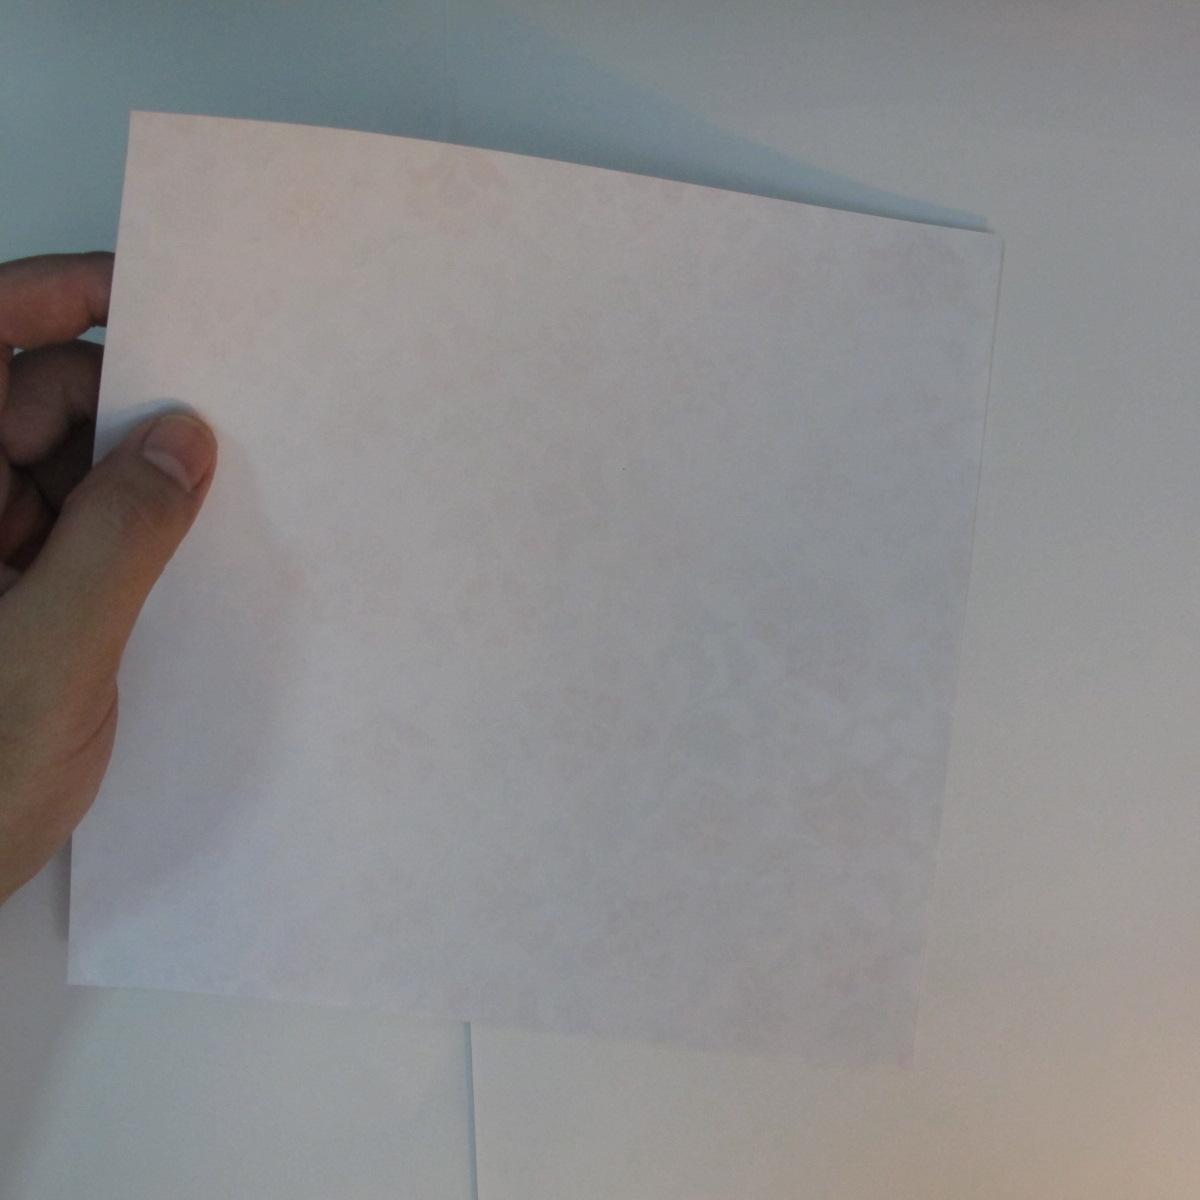 การพับกระดาษเป็นรูปหัวใจแบบ 3 มิติ 002